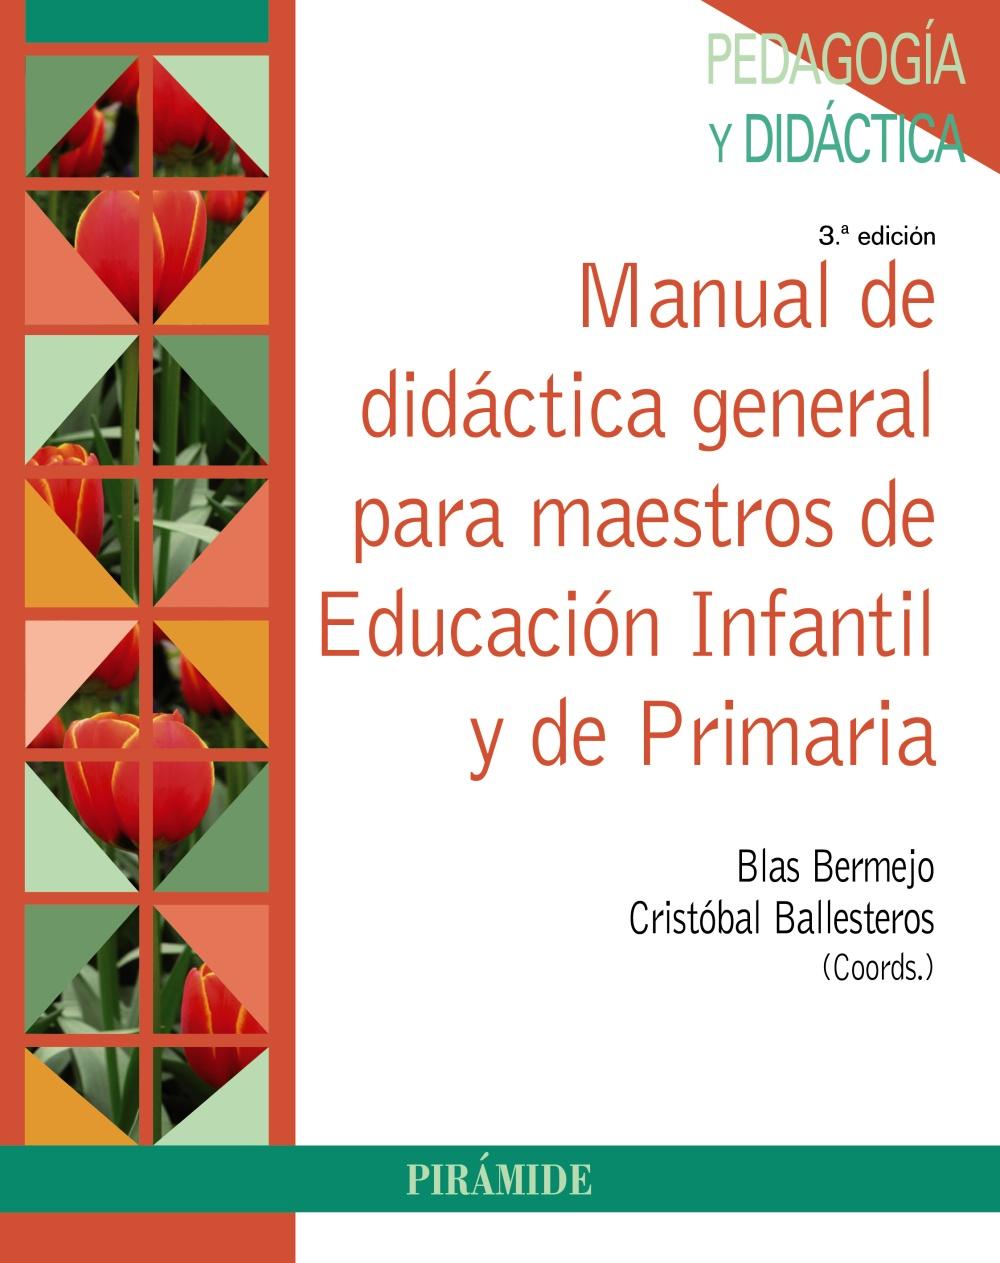 Manual de didáctica general para maestros de Educación Infantil y de Primaria (ebook)